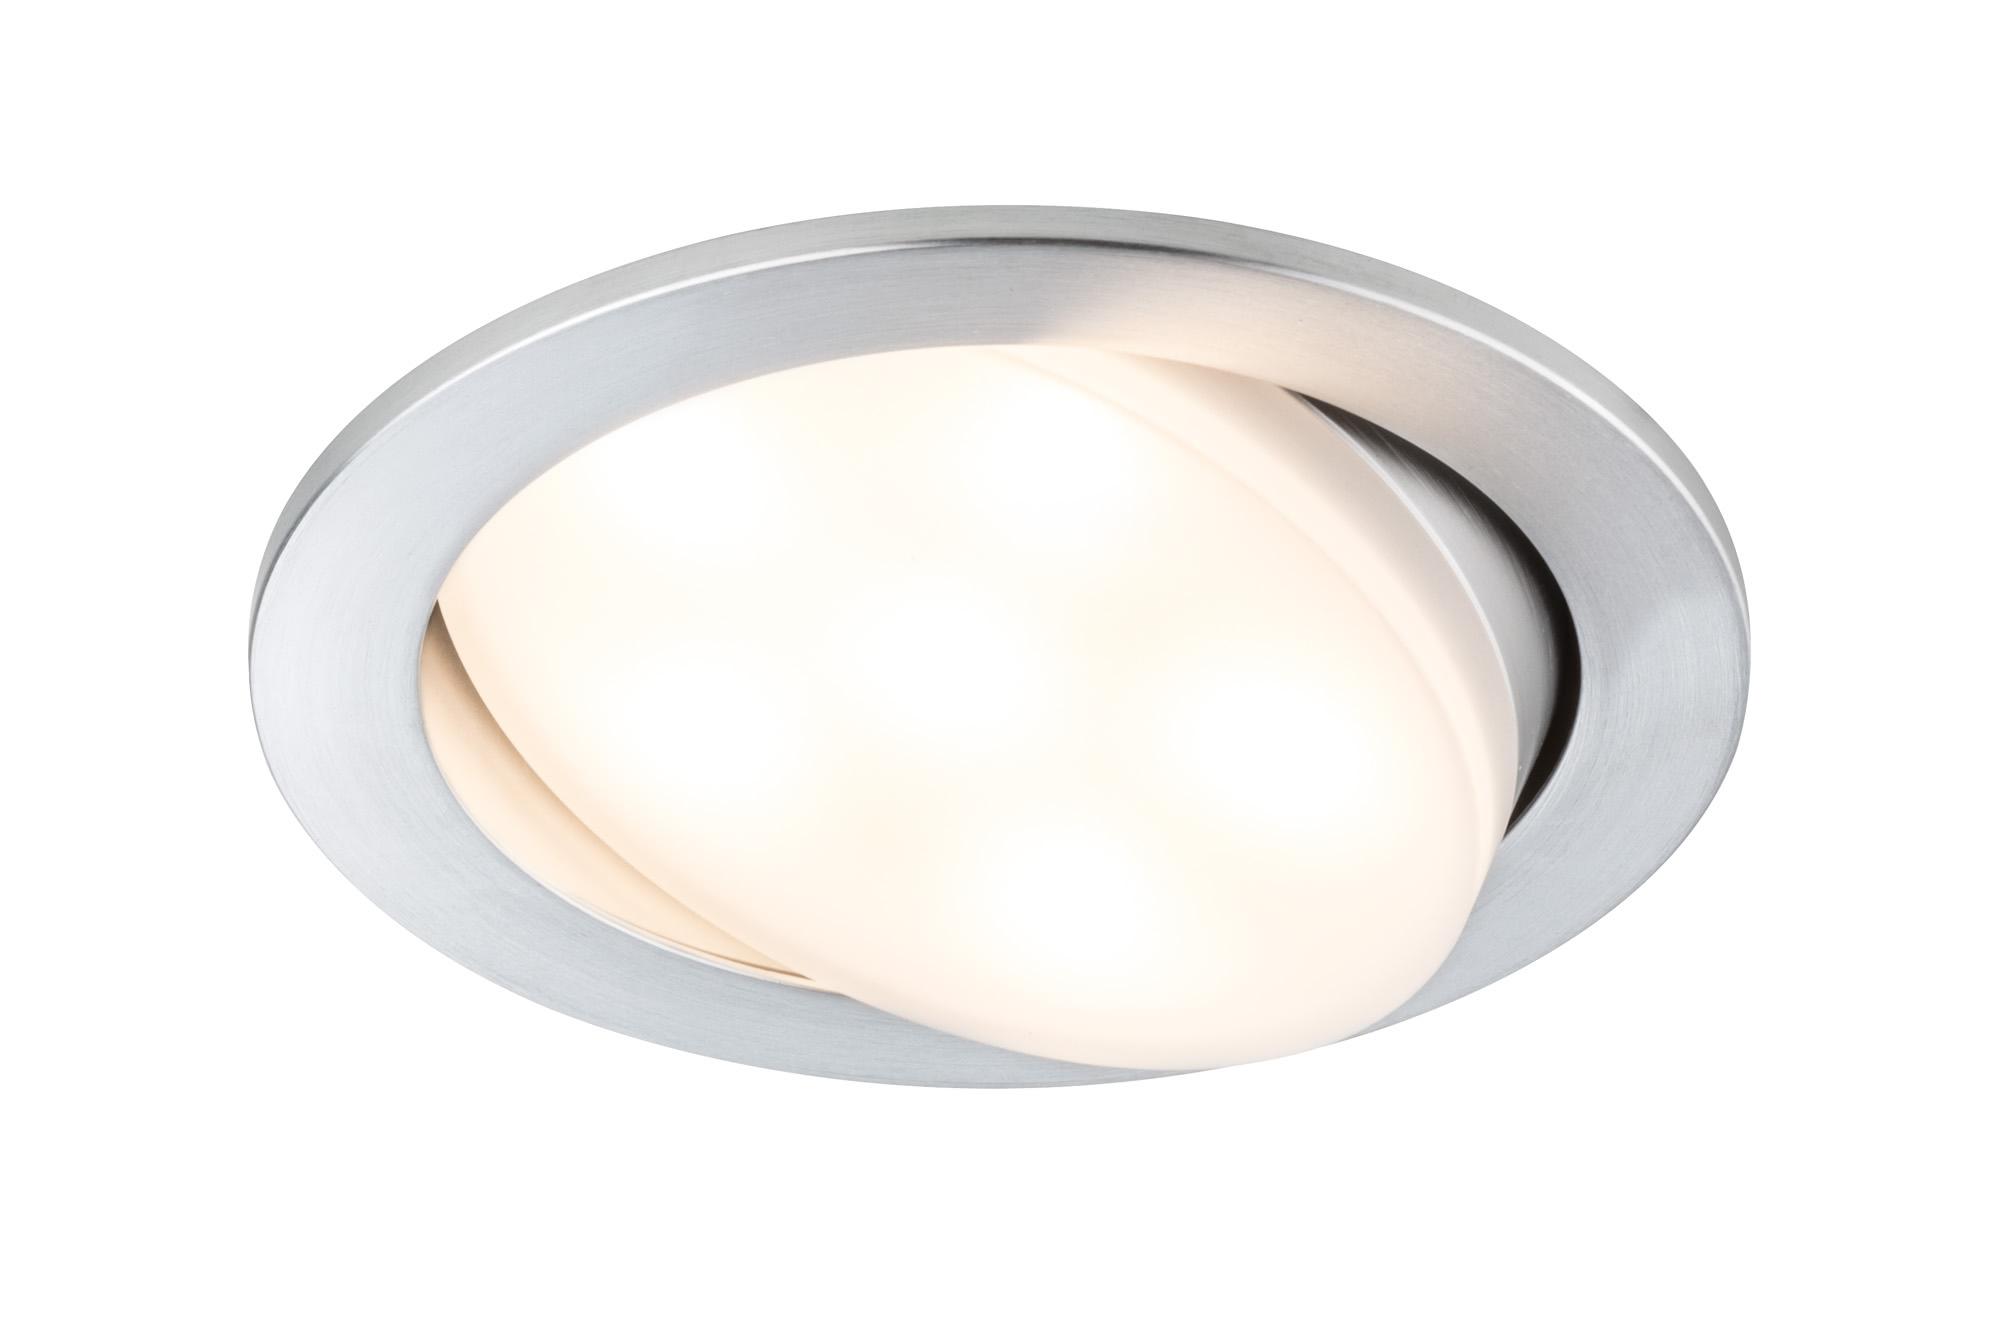 Paulmann. 92673 Комплект светильников Prem EBL Set Daz LED 3x6W Alu drilled